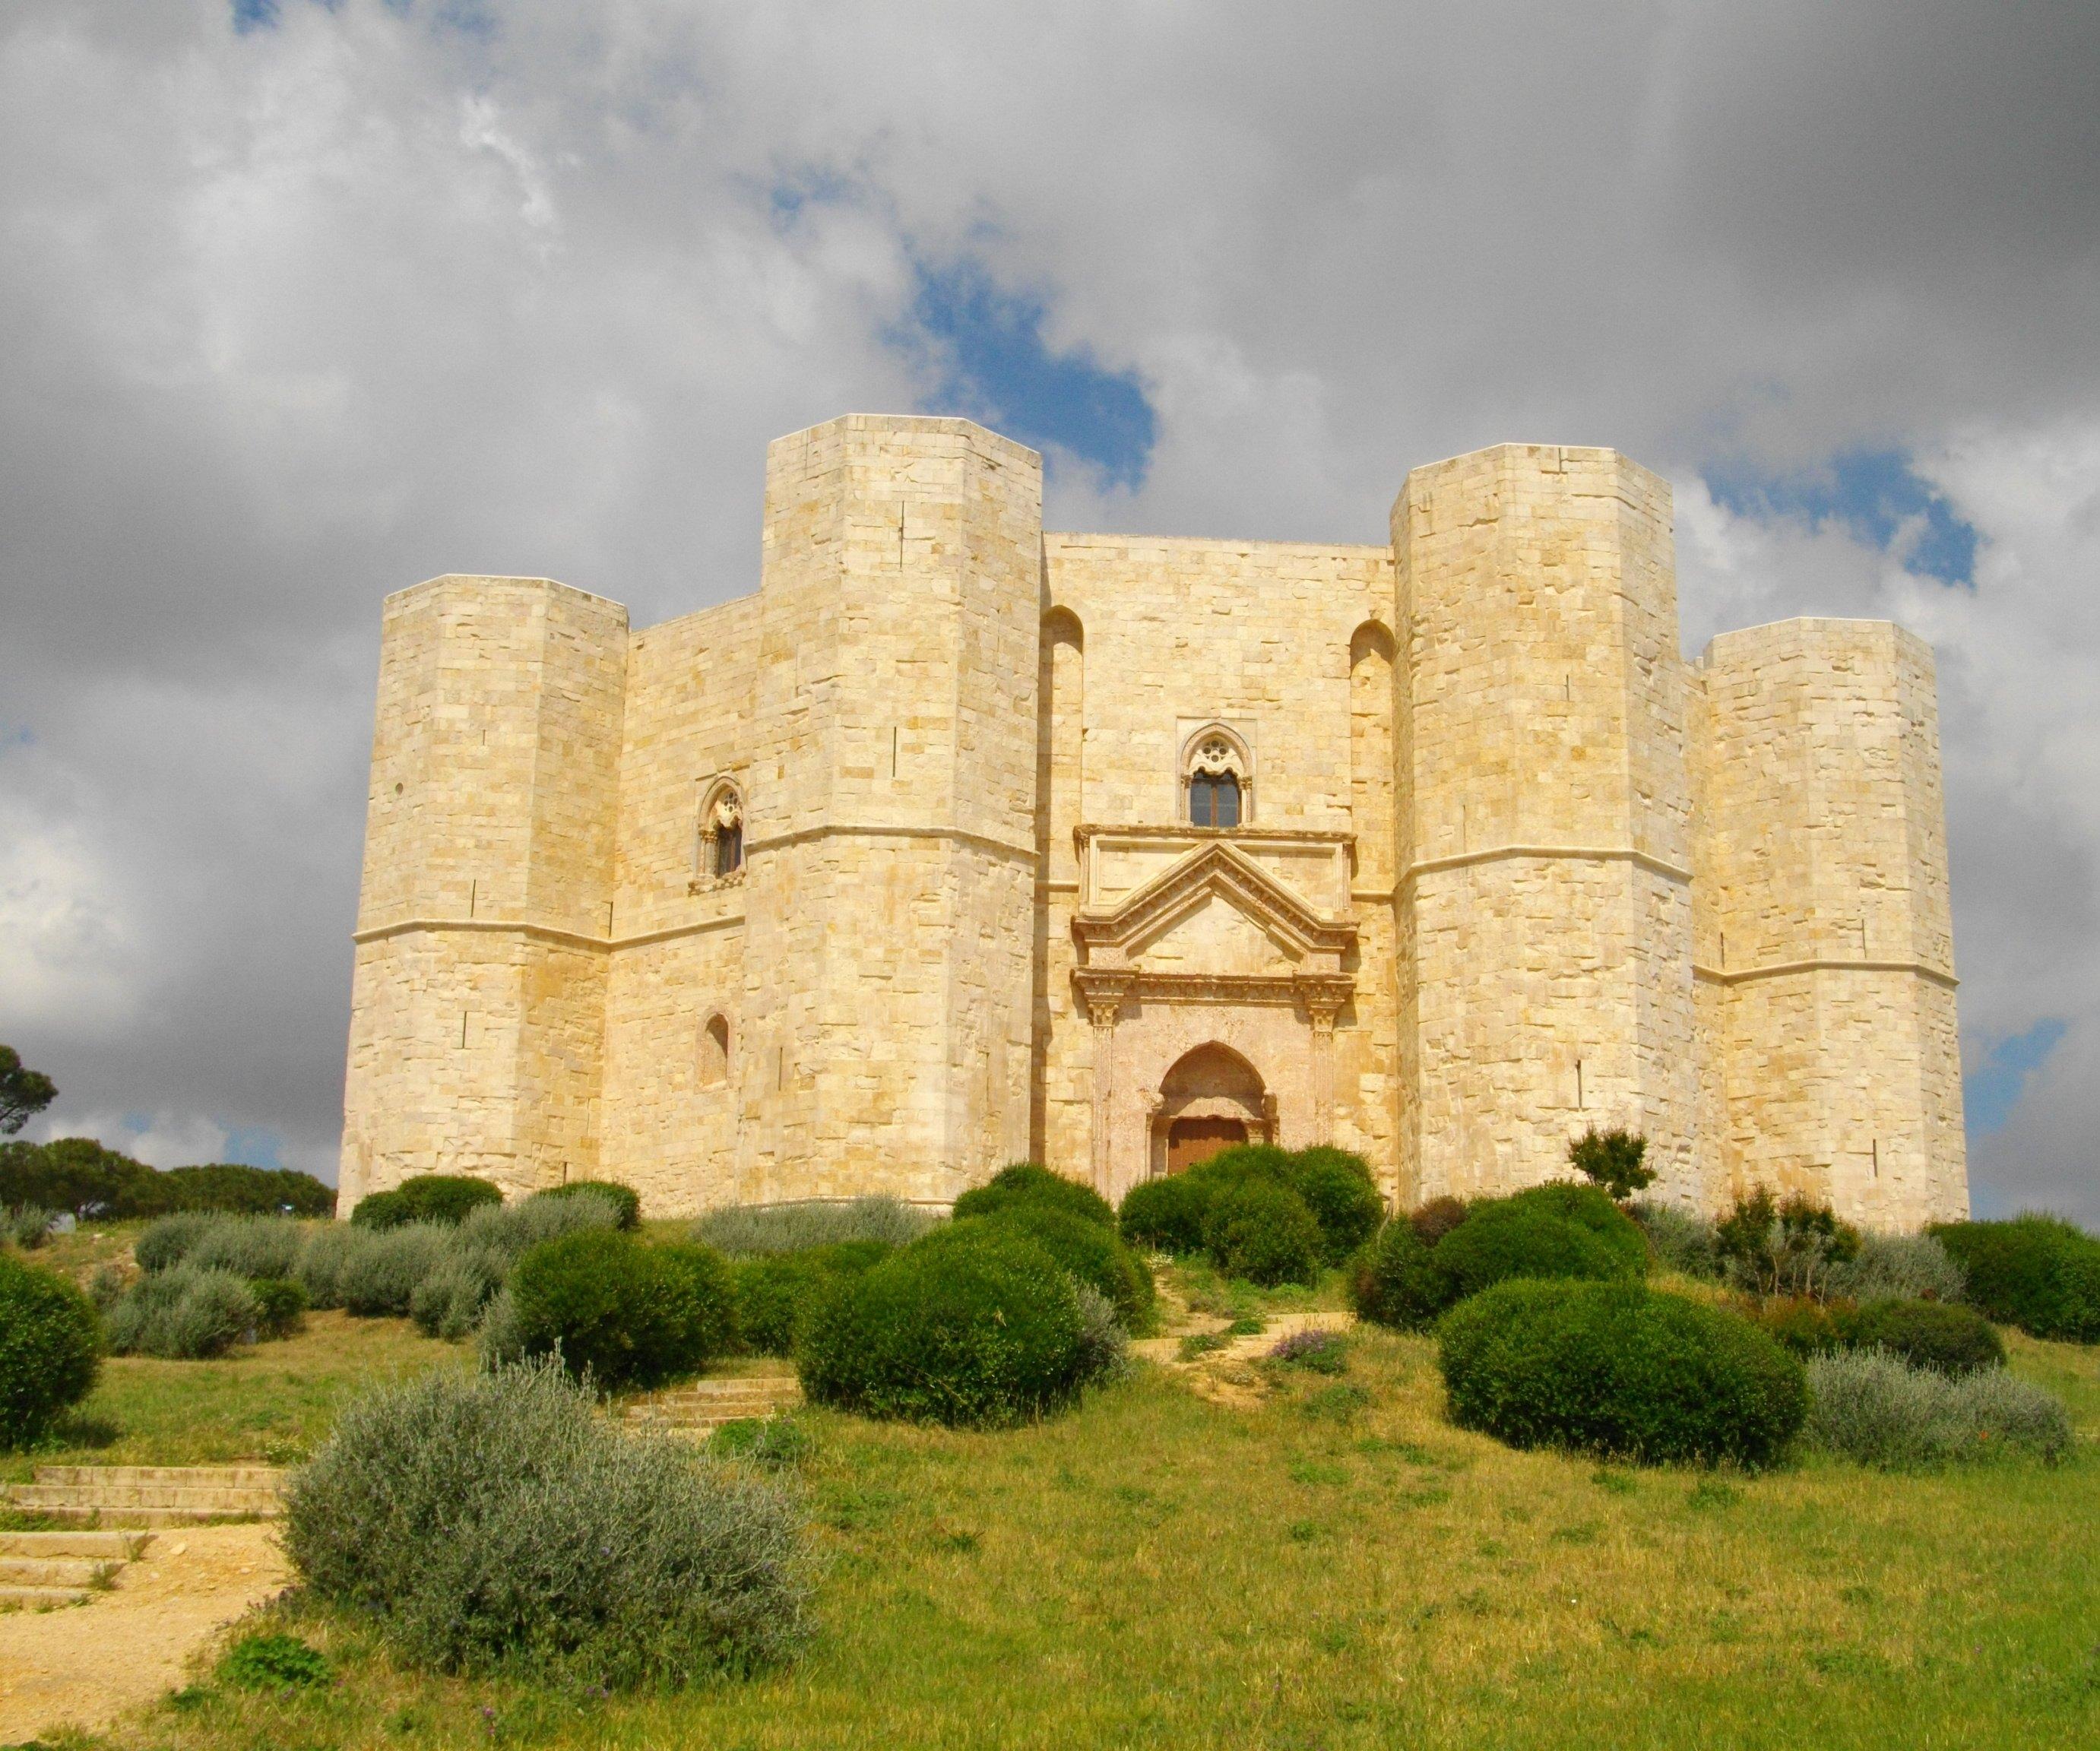 Außergewöhnlicher Bau: Das Castel del Monte